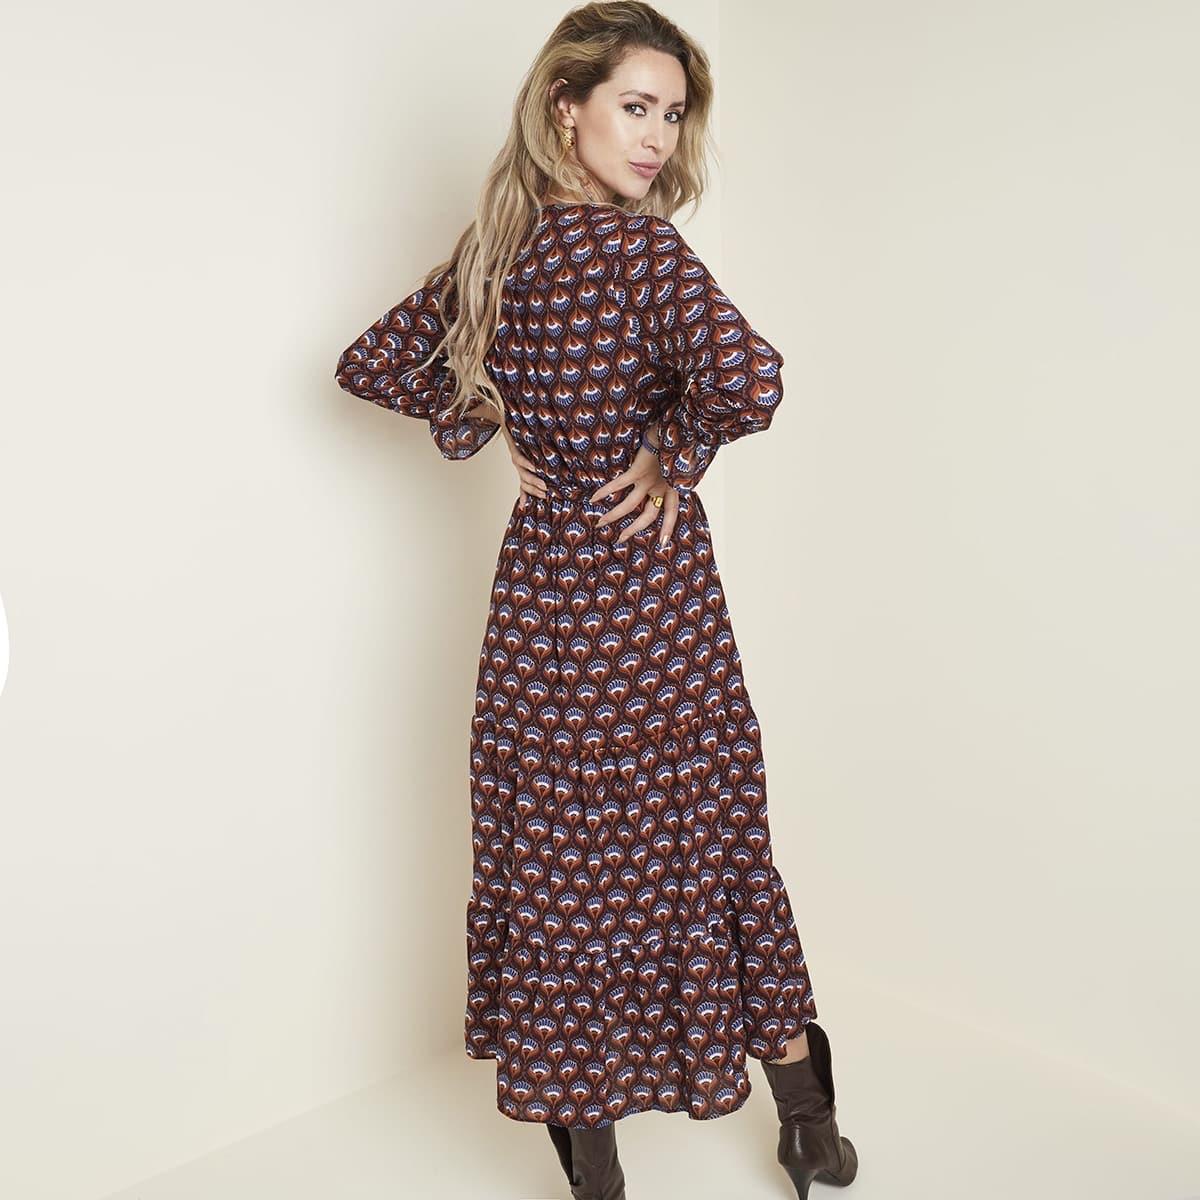 Jurkje met print Yehawang collectie Fashion by Fleur Snelle levering.